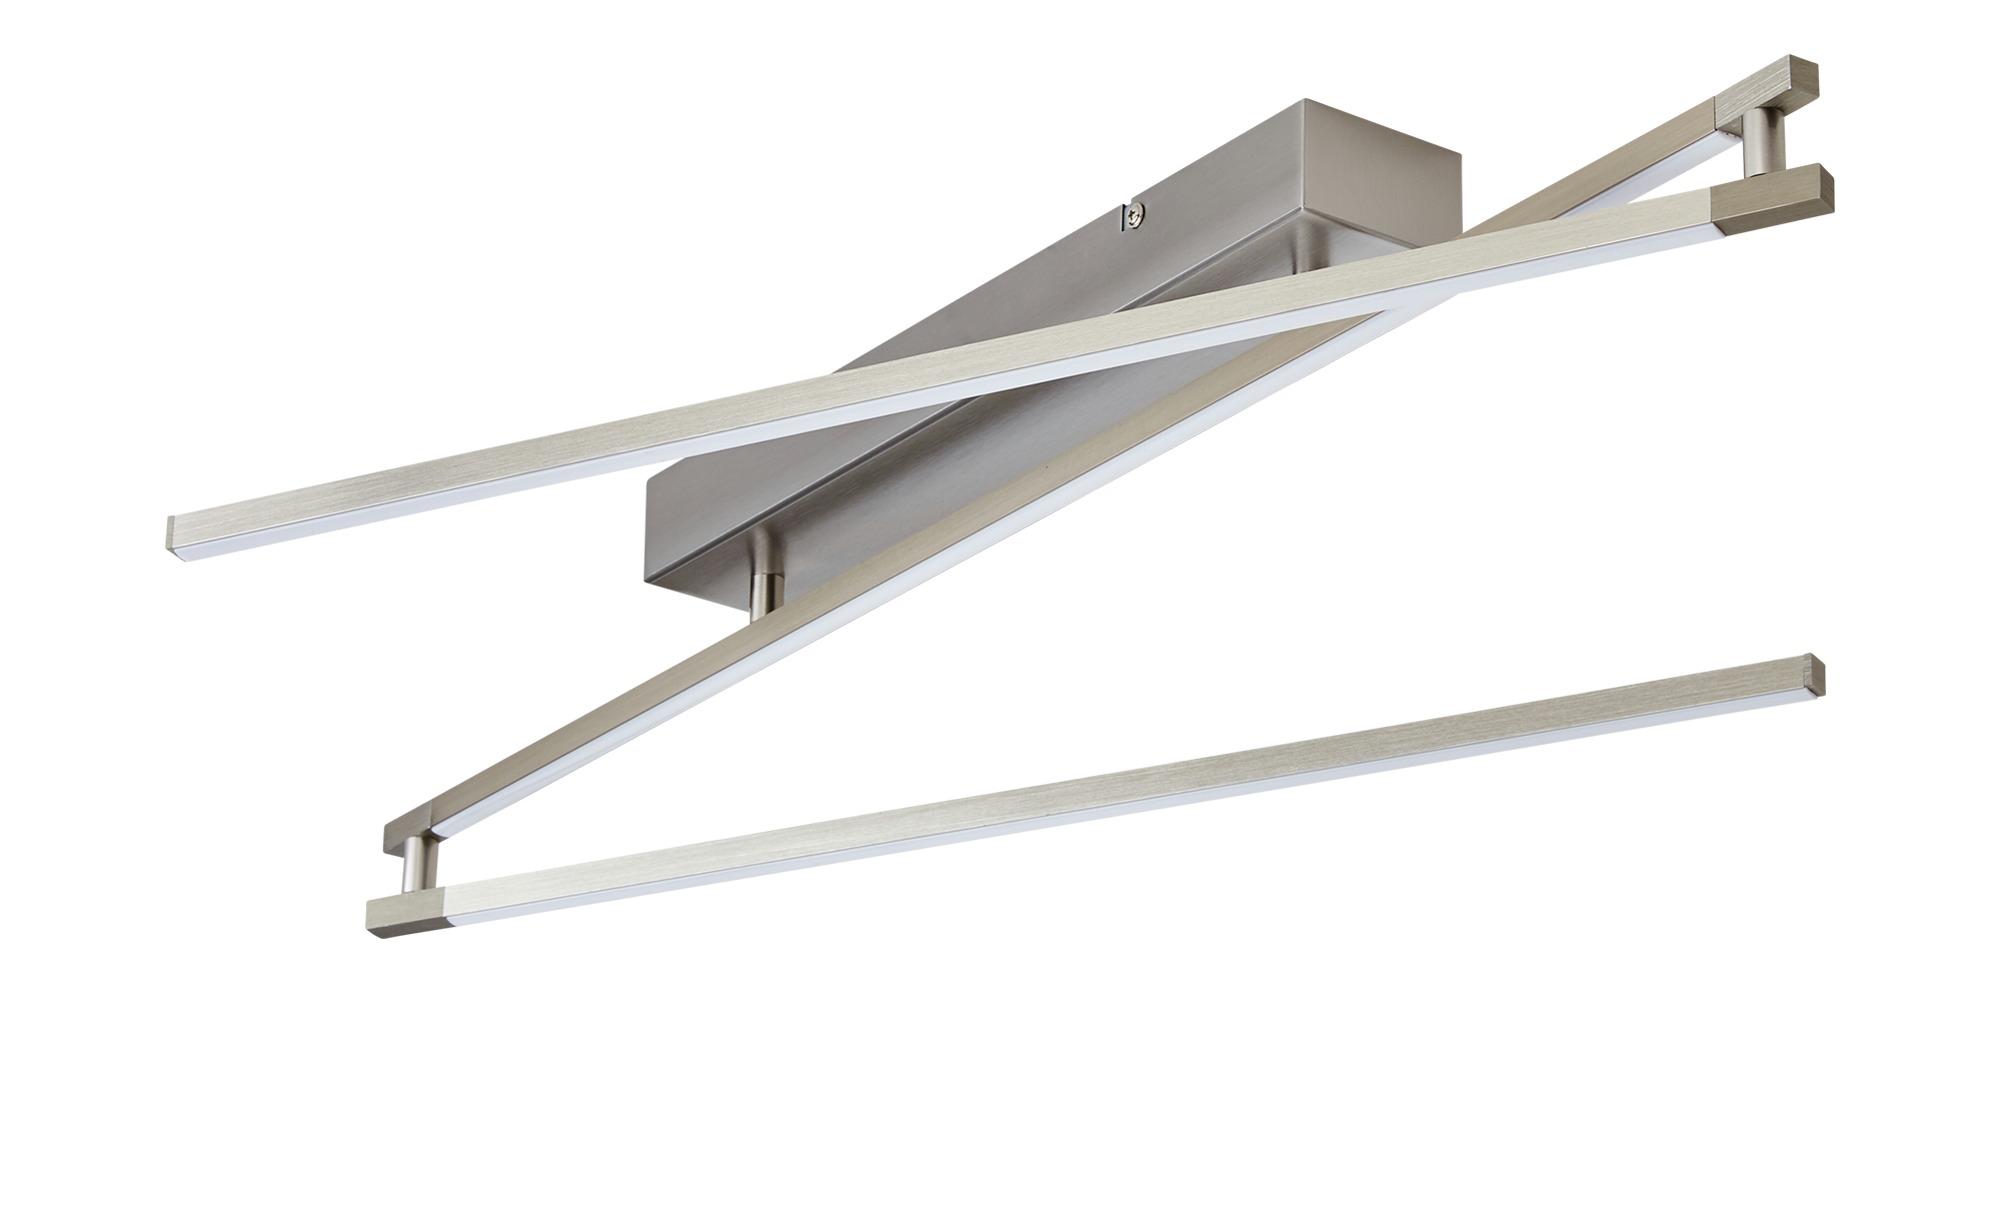 Paul Neuhaus LED- Deckenleuchte, 3-flammig, nickel matt, lineares Design ¦ silber Lampen & Leuchten > Innenleuchten > Deckenleuchten - Höffner